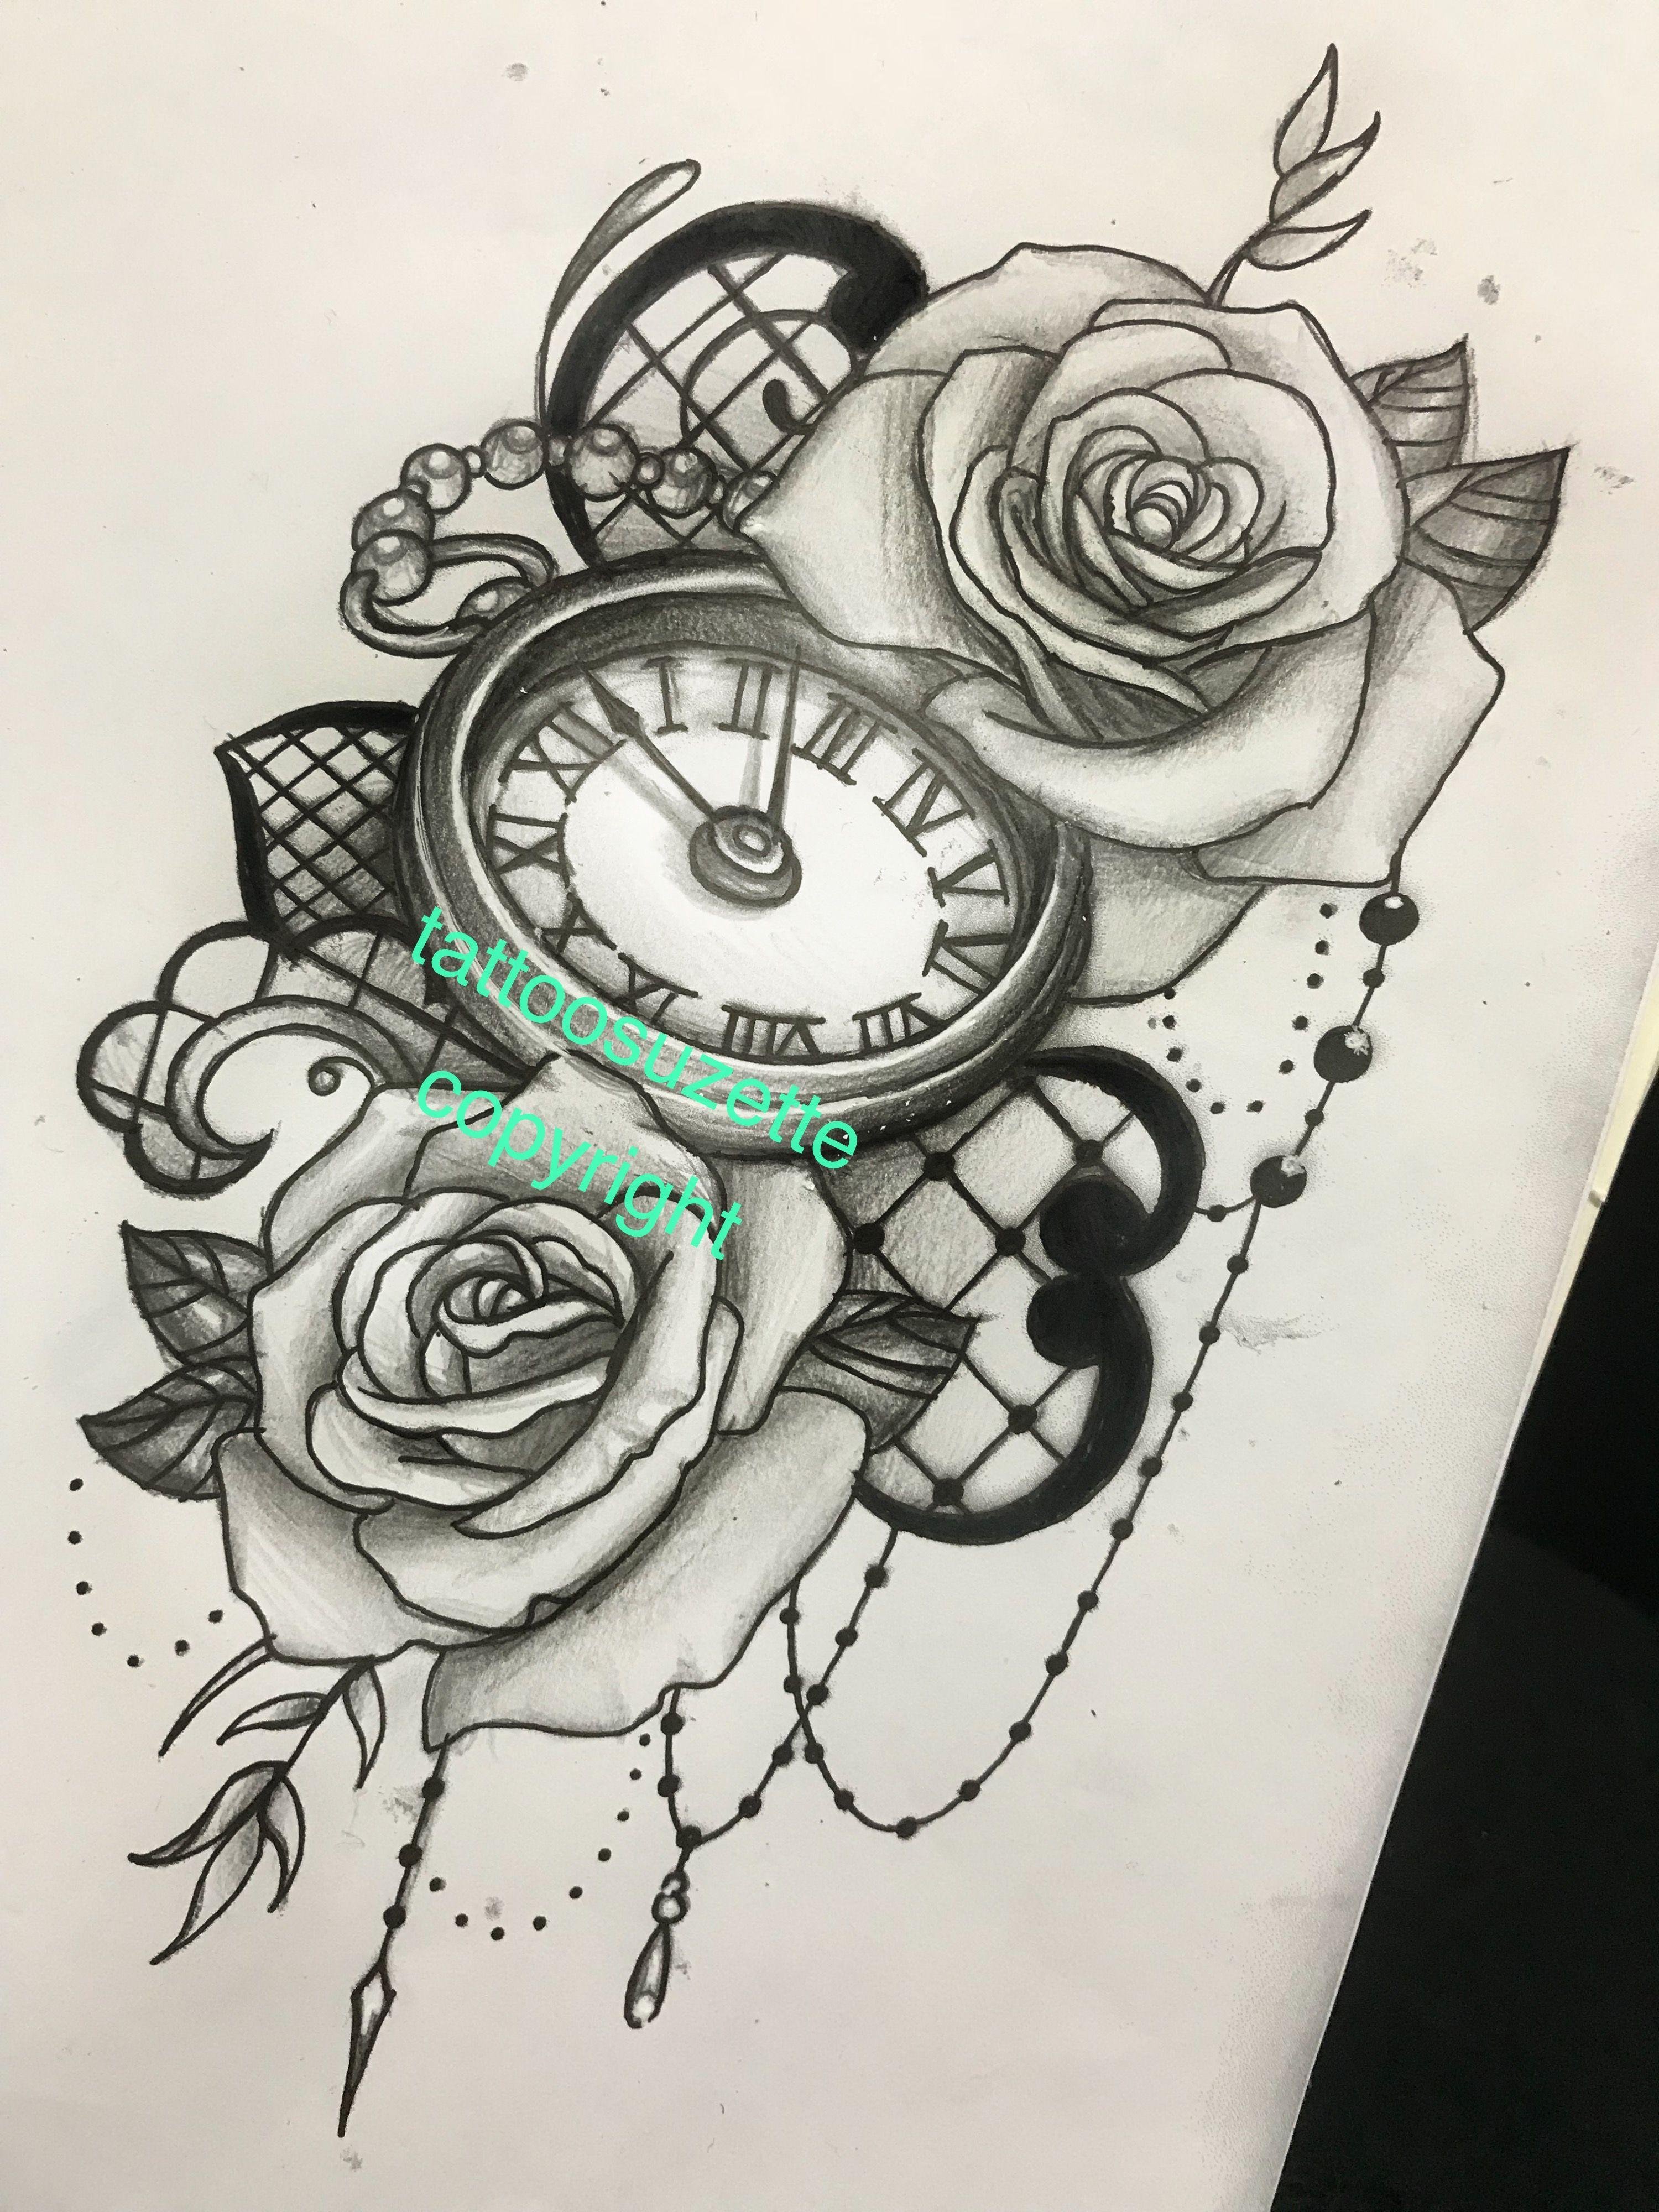 Clock Tattoo Design Clock Tattoo Design Dream Catcher Tattoo Design Lace Tattoo